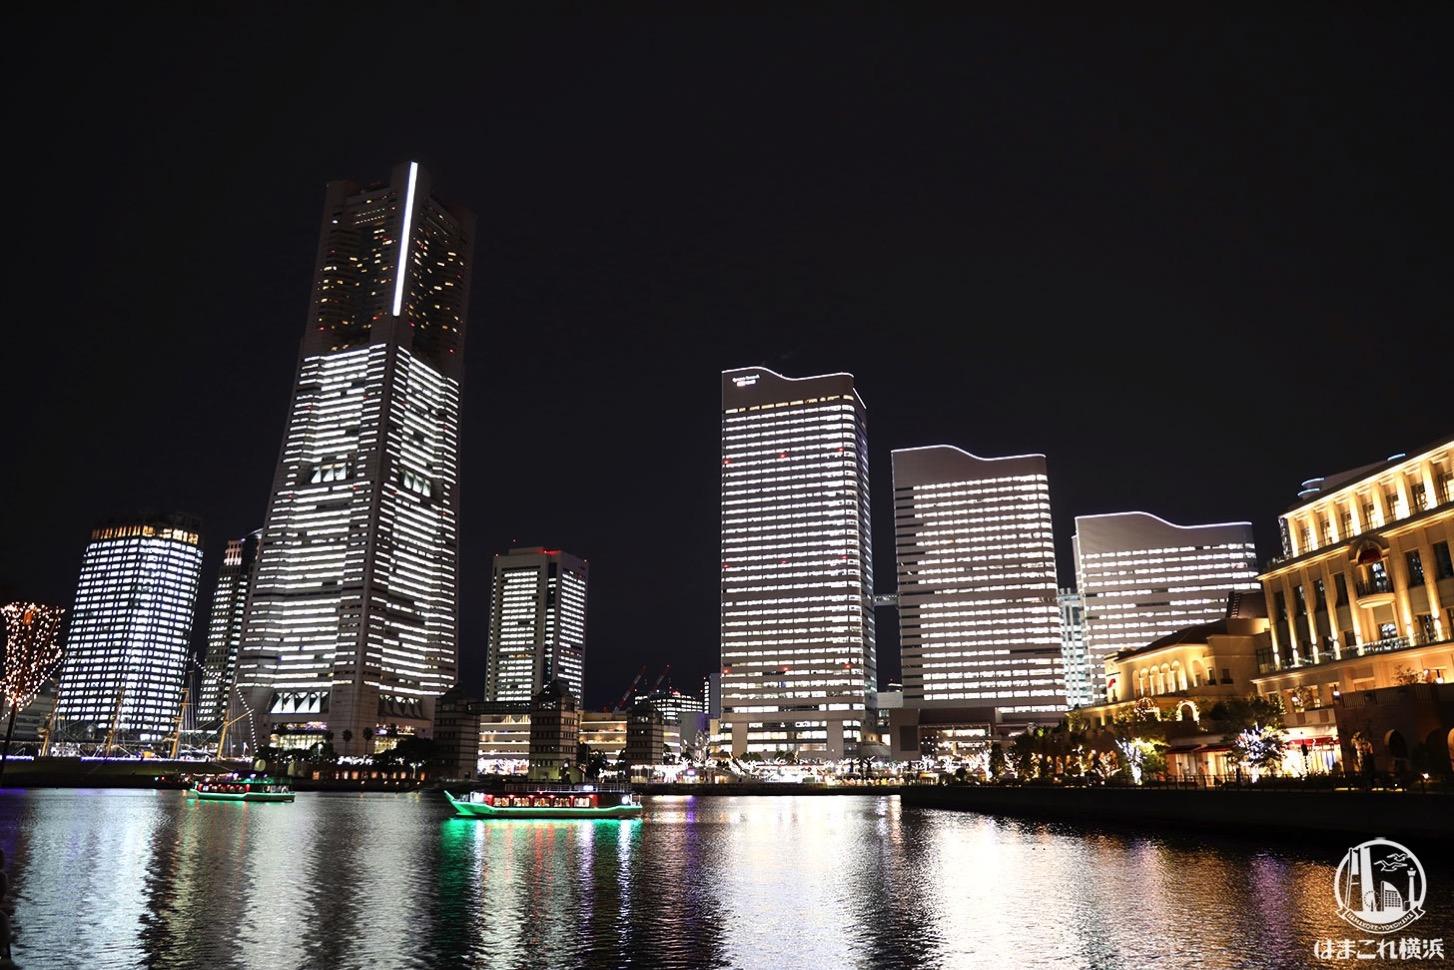 横浜の全館点灯「タワーズミライト」万国橋から汽車道、横浜駅方面まで夜散歩!